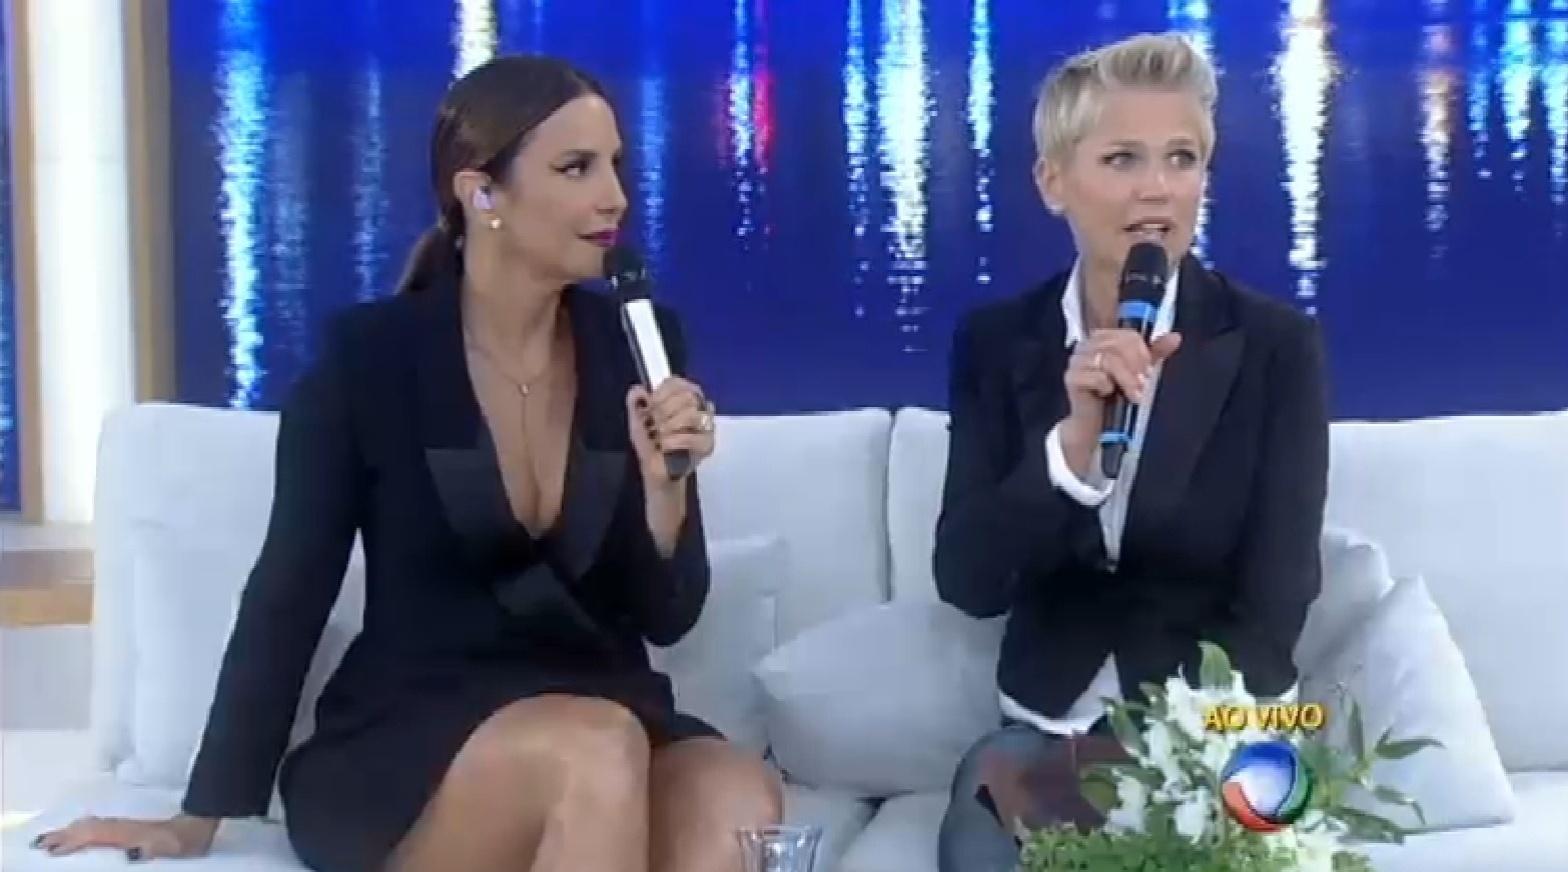 7.set.2015 - Durante o seu programa, Xuxa fala sobre os boatos de que teria vivido um affair com Ivete.